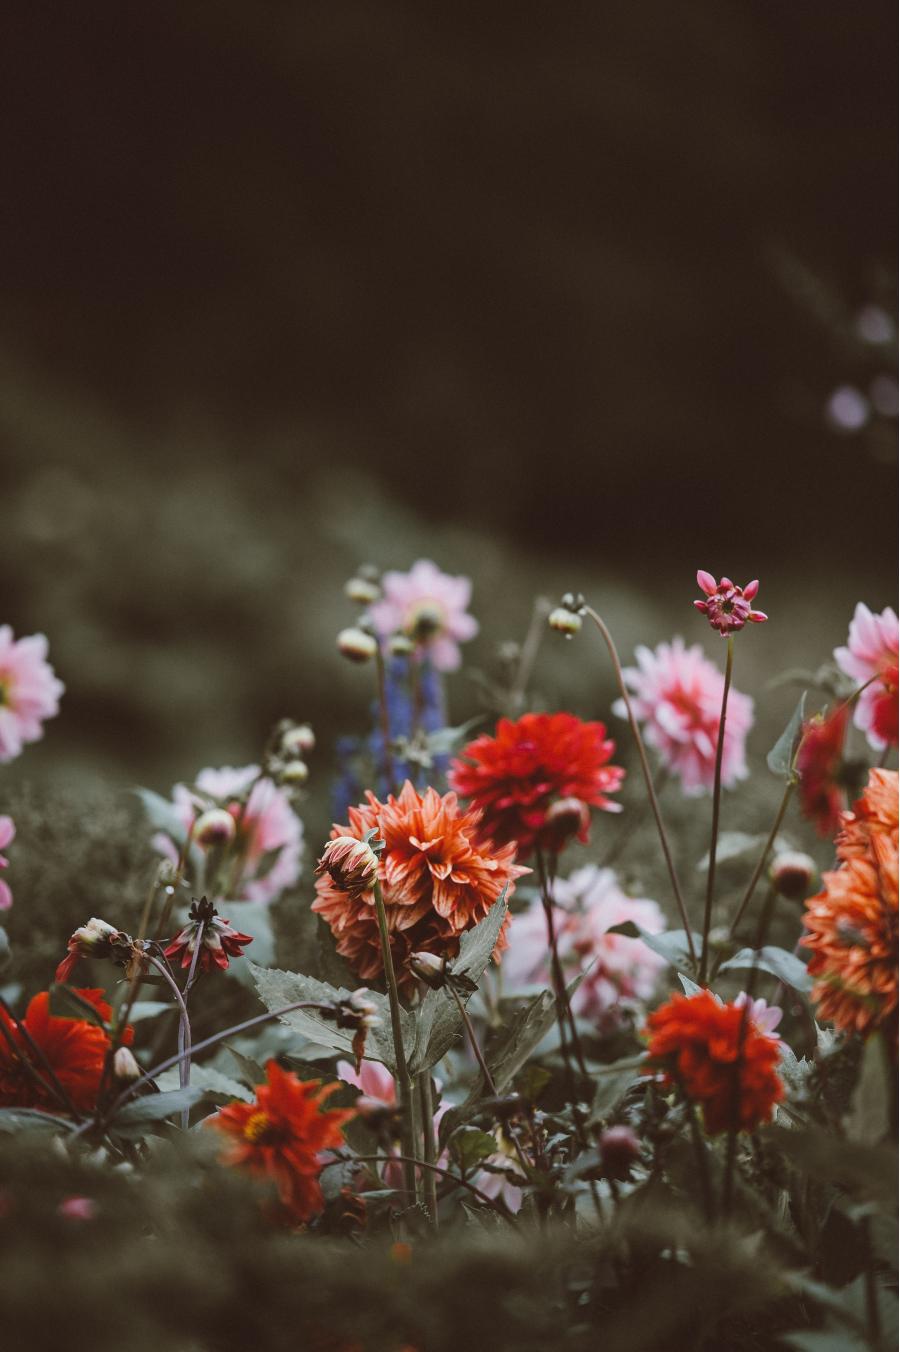 Cele mai frumoase flori din lume, intr-un pictorial de exceptie - Poza 4